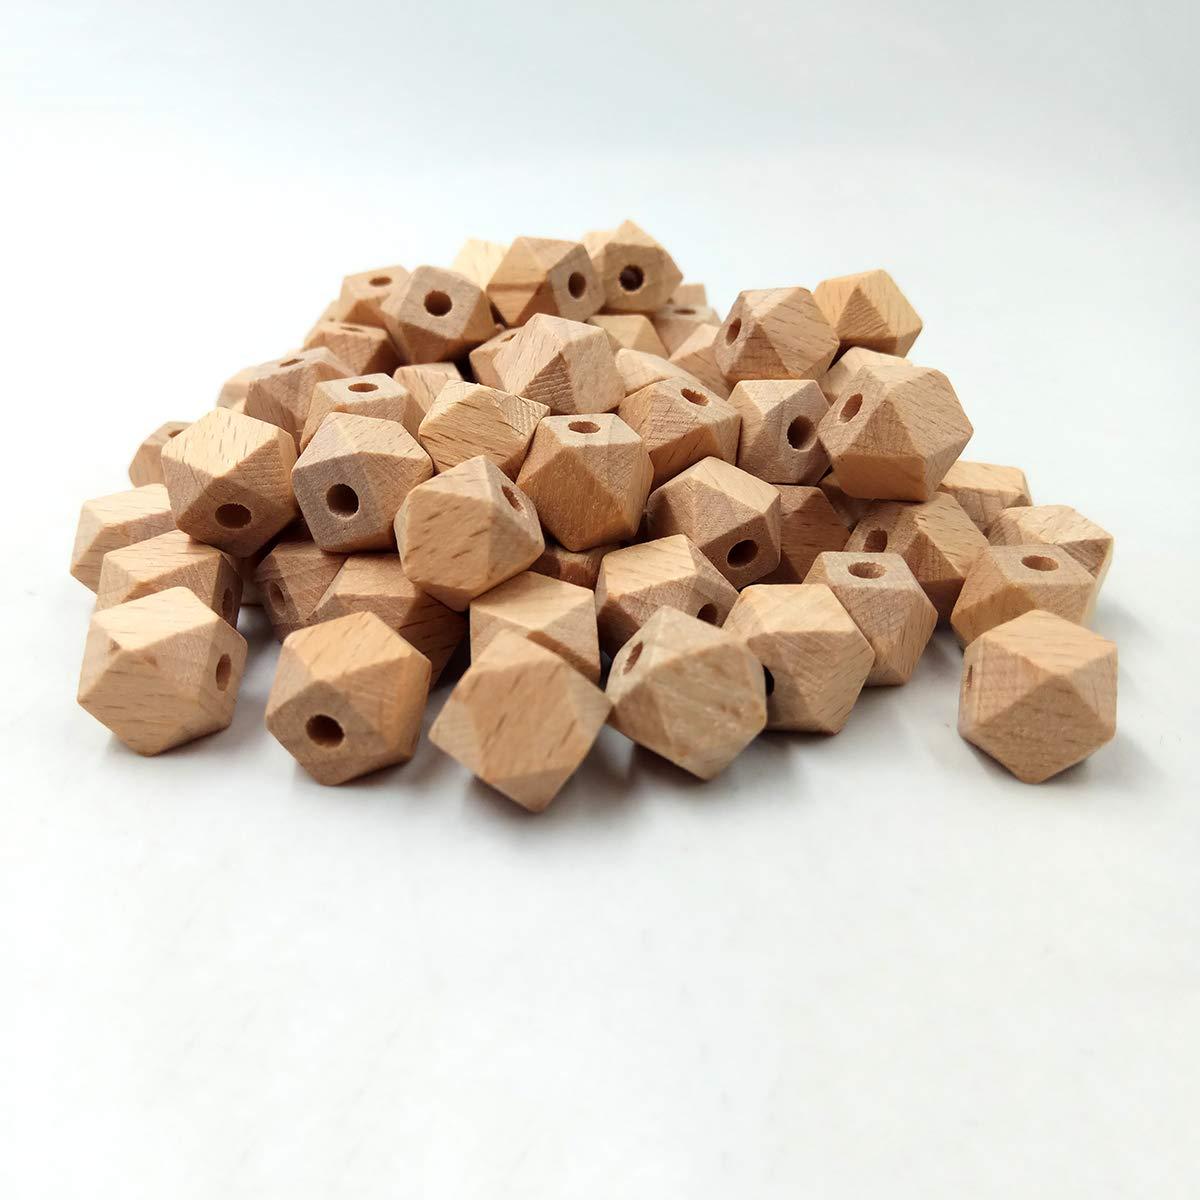 Amazon.com: Alenybeby - Cuentas de madera de haya ...